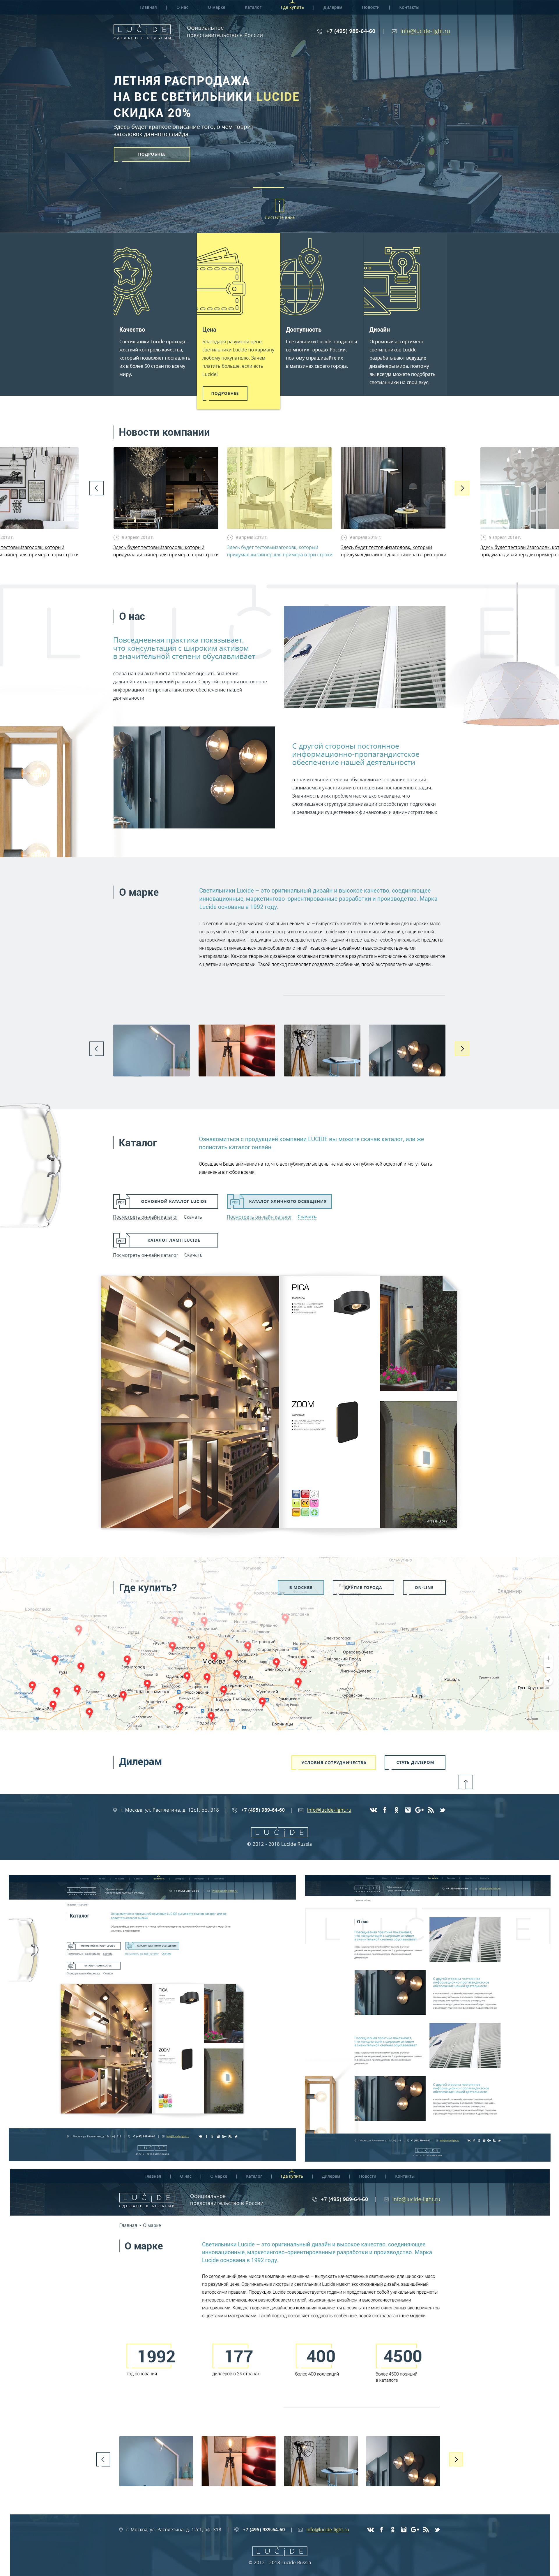 Проектирование UX Дизайн сайта LUCIDE